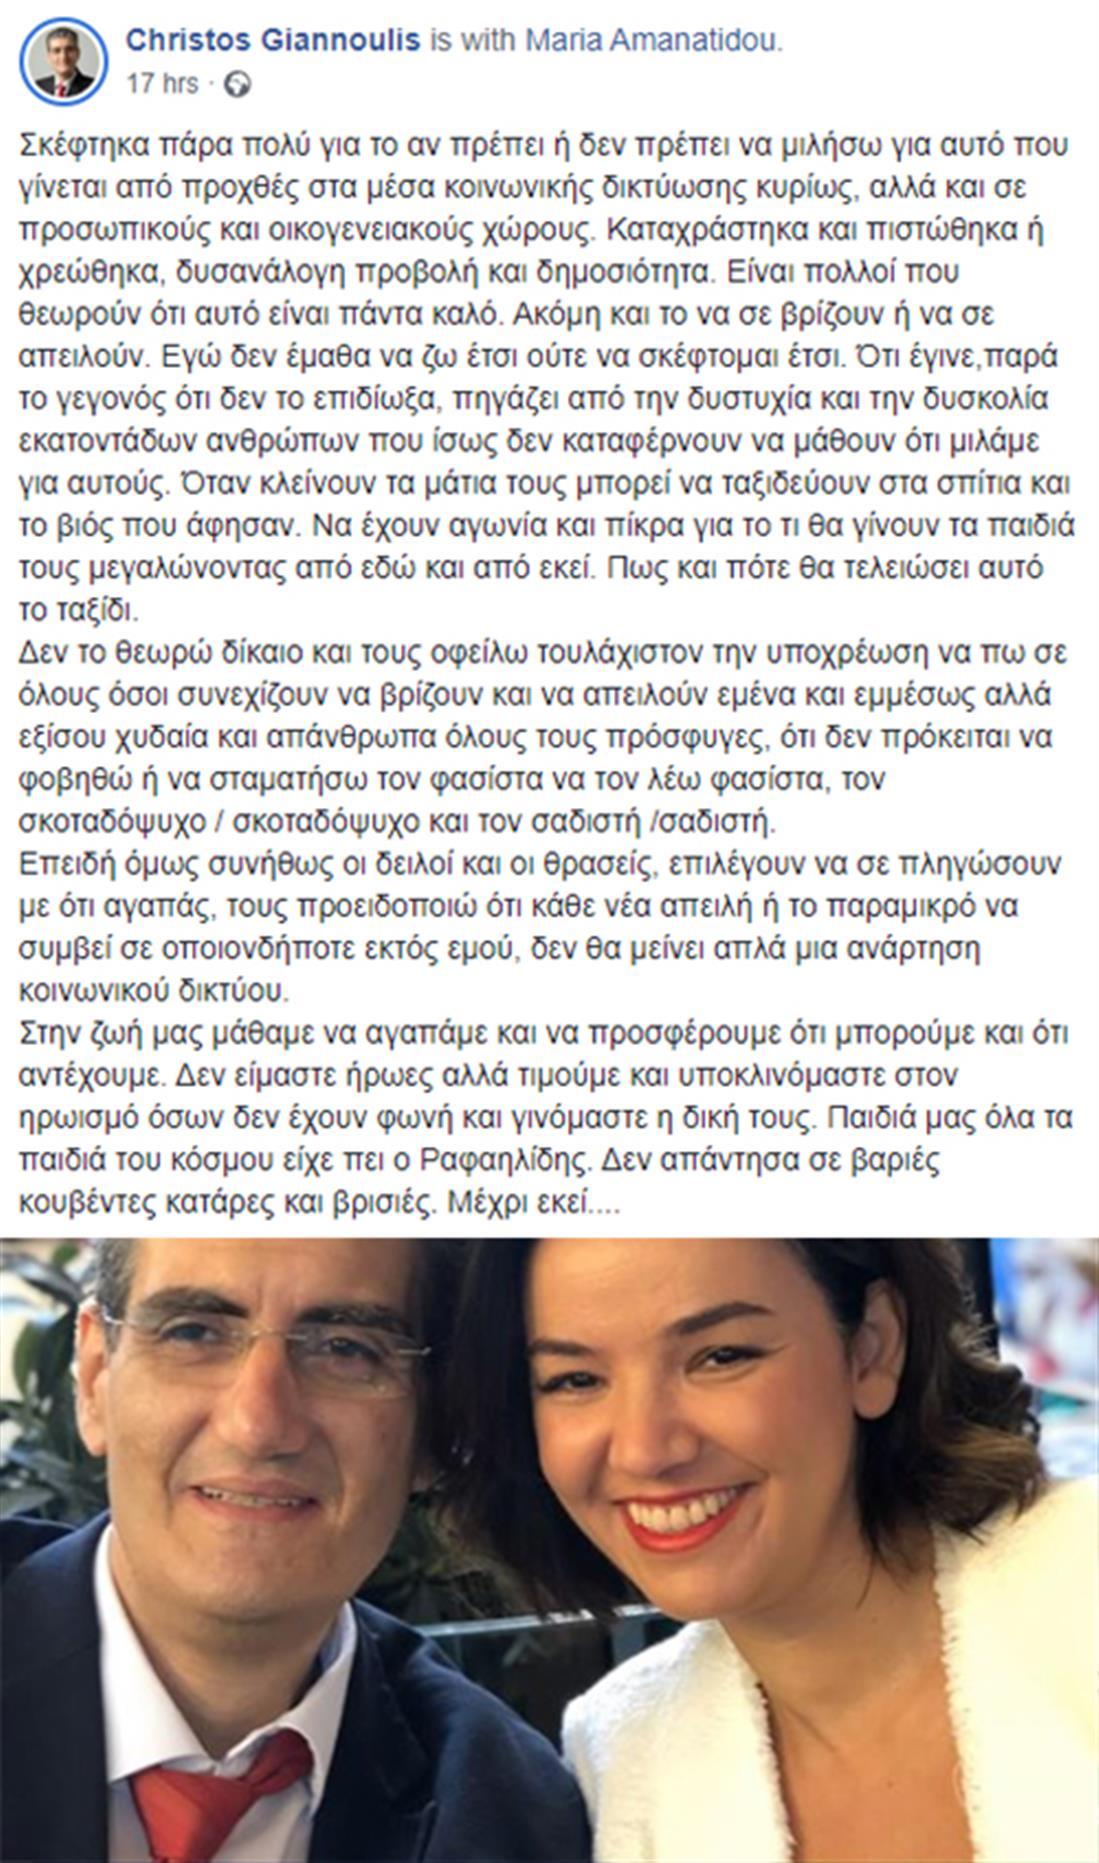 Χρ. Γιαννούλης - facebook - σύζυγος